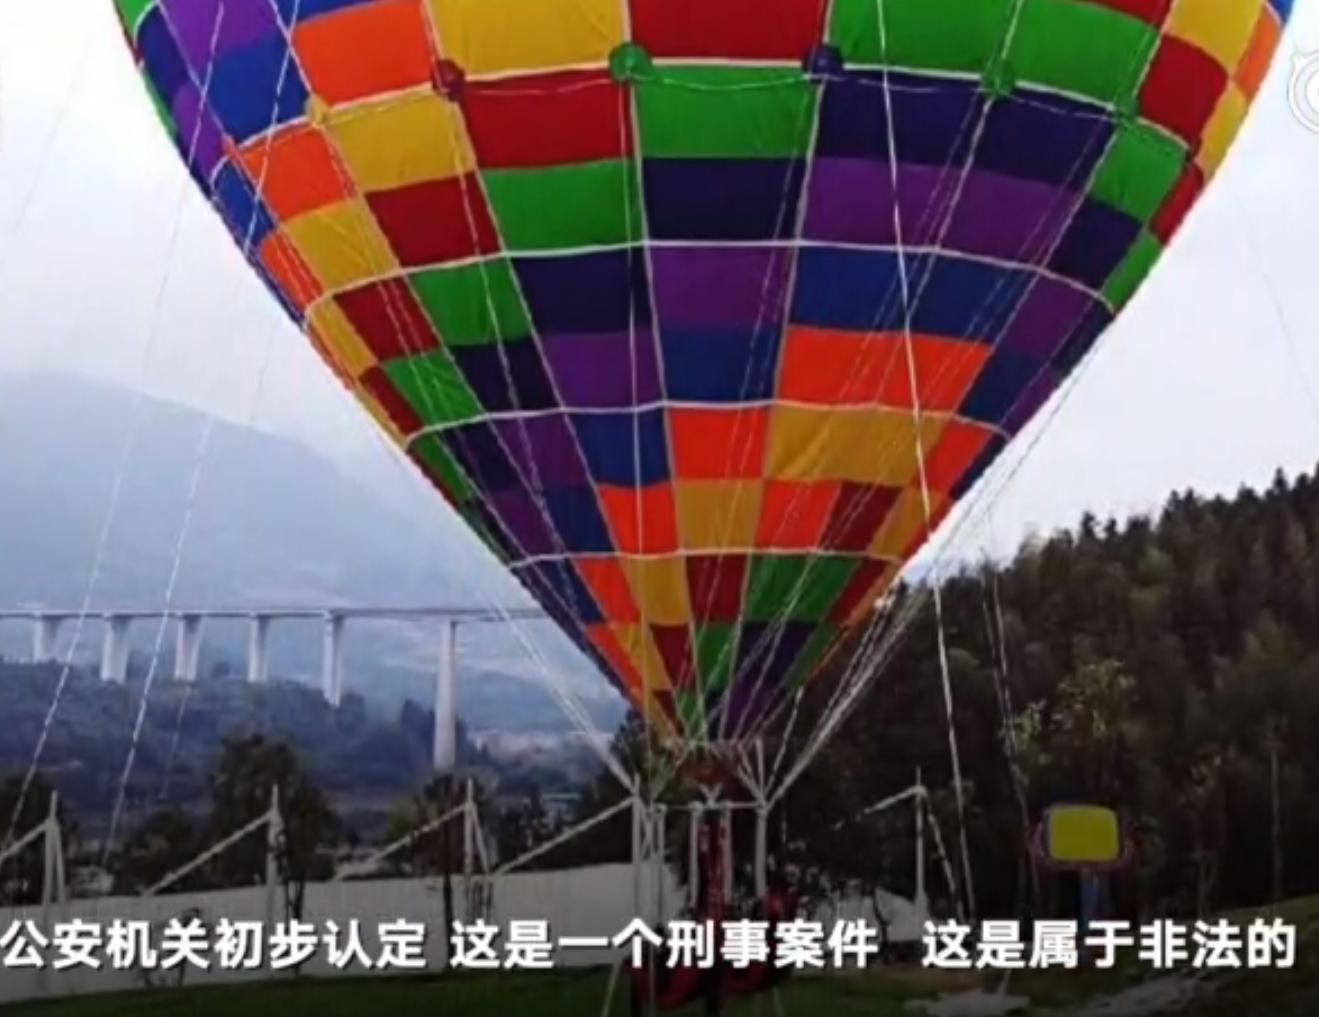 吓人 烟台景区氢气球绳断裂坠落致2人身亡 经调查该项目违法